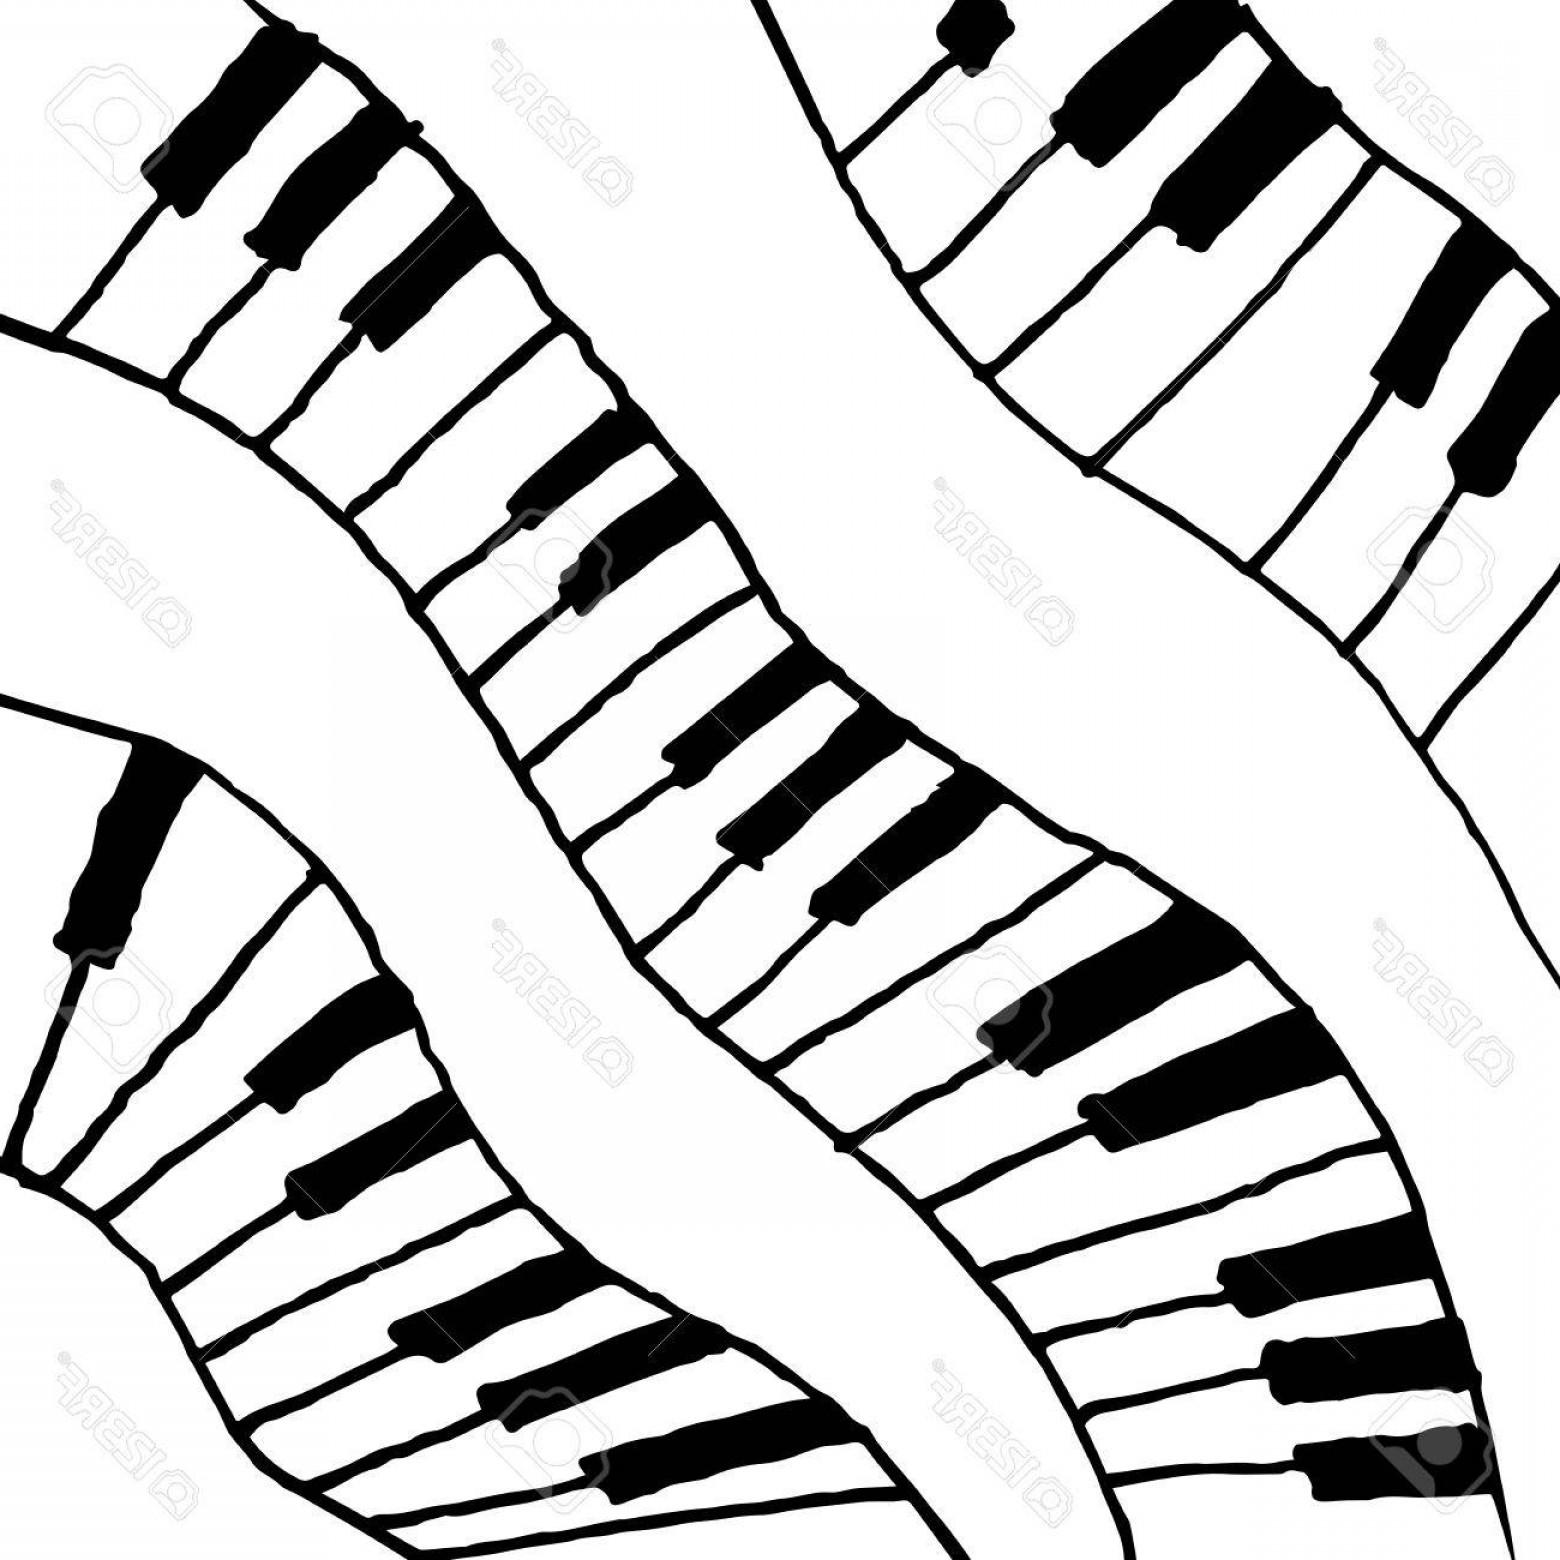 Wavy piano keys drawing clipart clipart royalty free stock Photostock Vector Piano Keys Sketch Abstract Music ... clipart royalty free stock